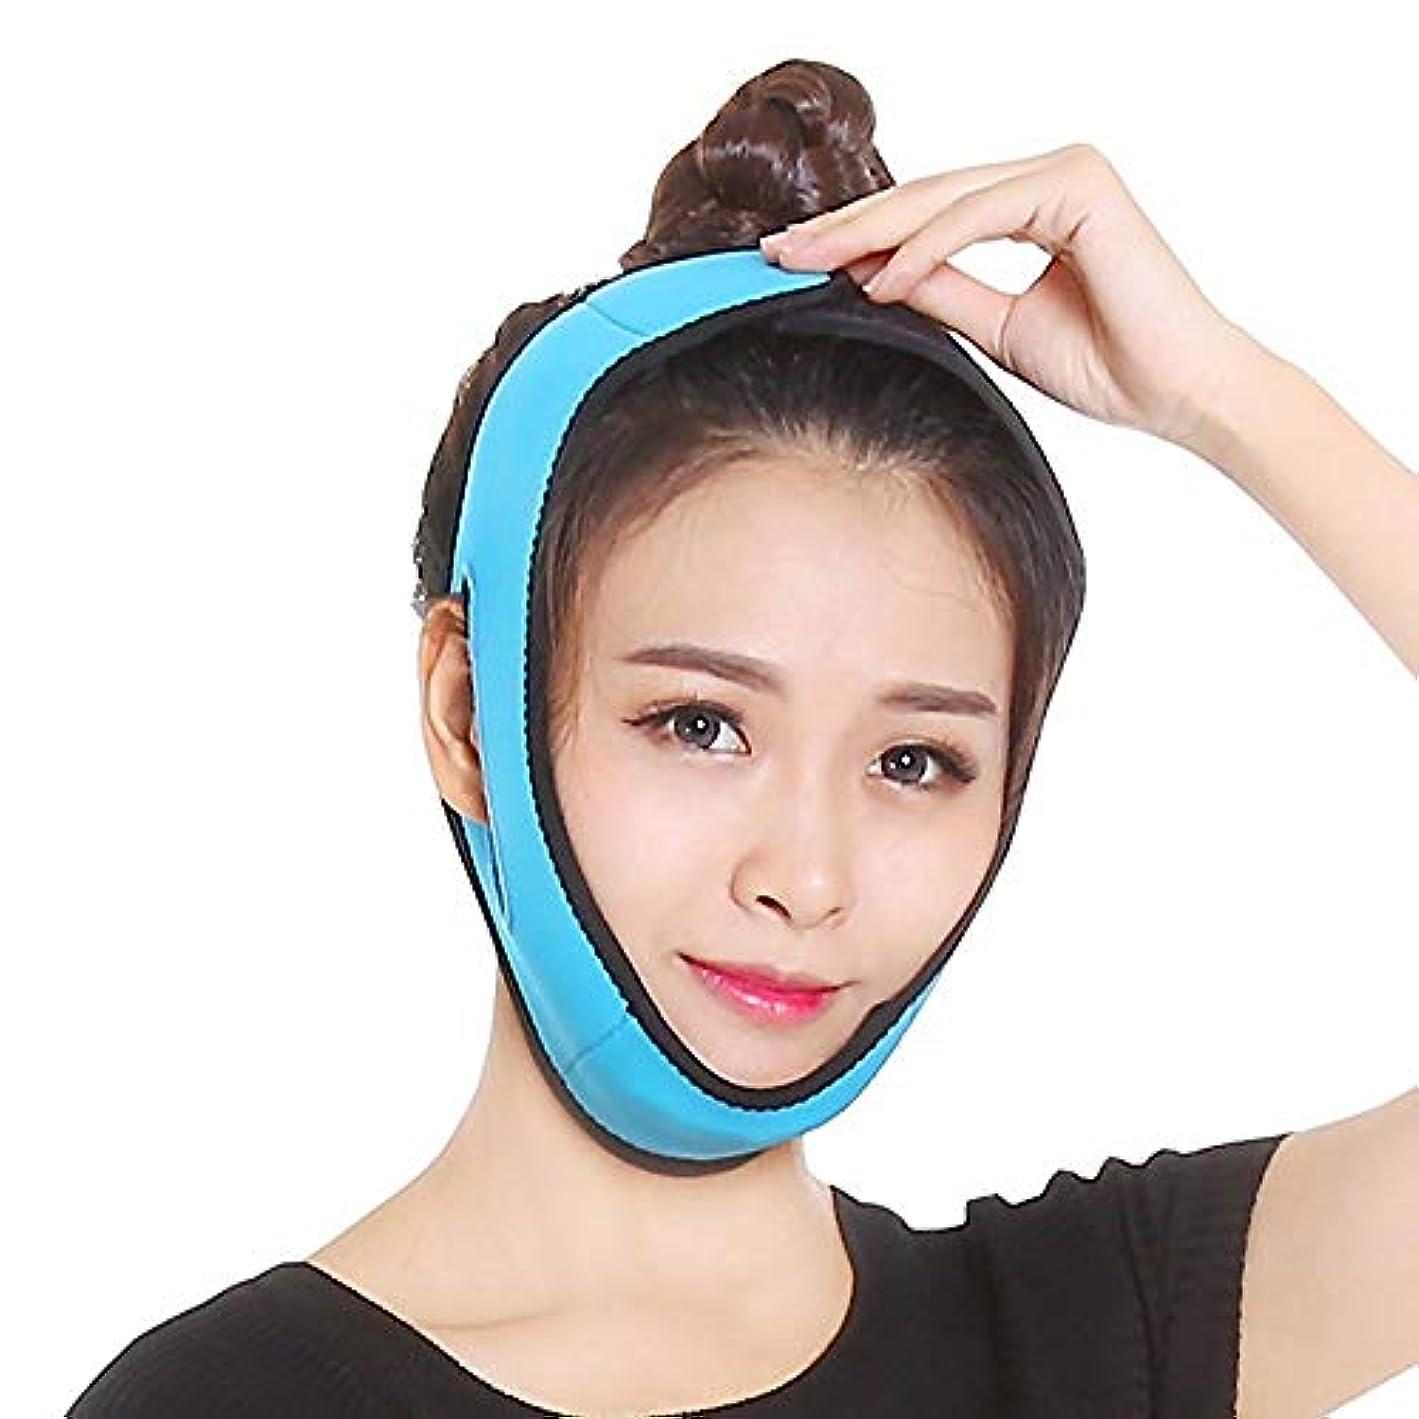 行政ランク関税GYZ フェイシャルリフティングスリミングベルト - 薄いフェイス包帯二重あごデバイス無料フェイシャルマッサージ整形マスクを引き締める顔と首の顔スリム Thin Face Belt